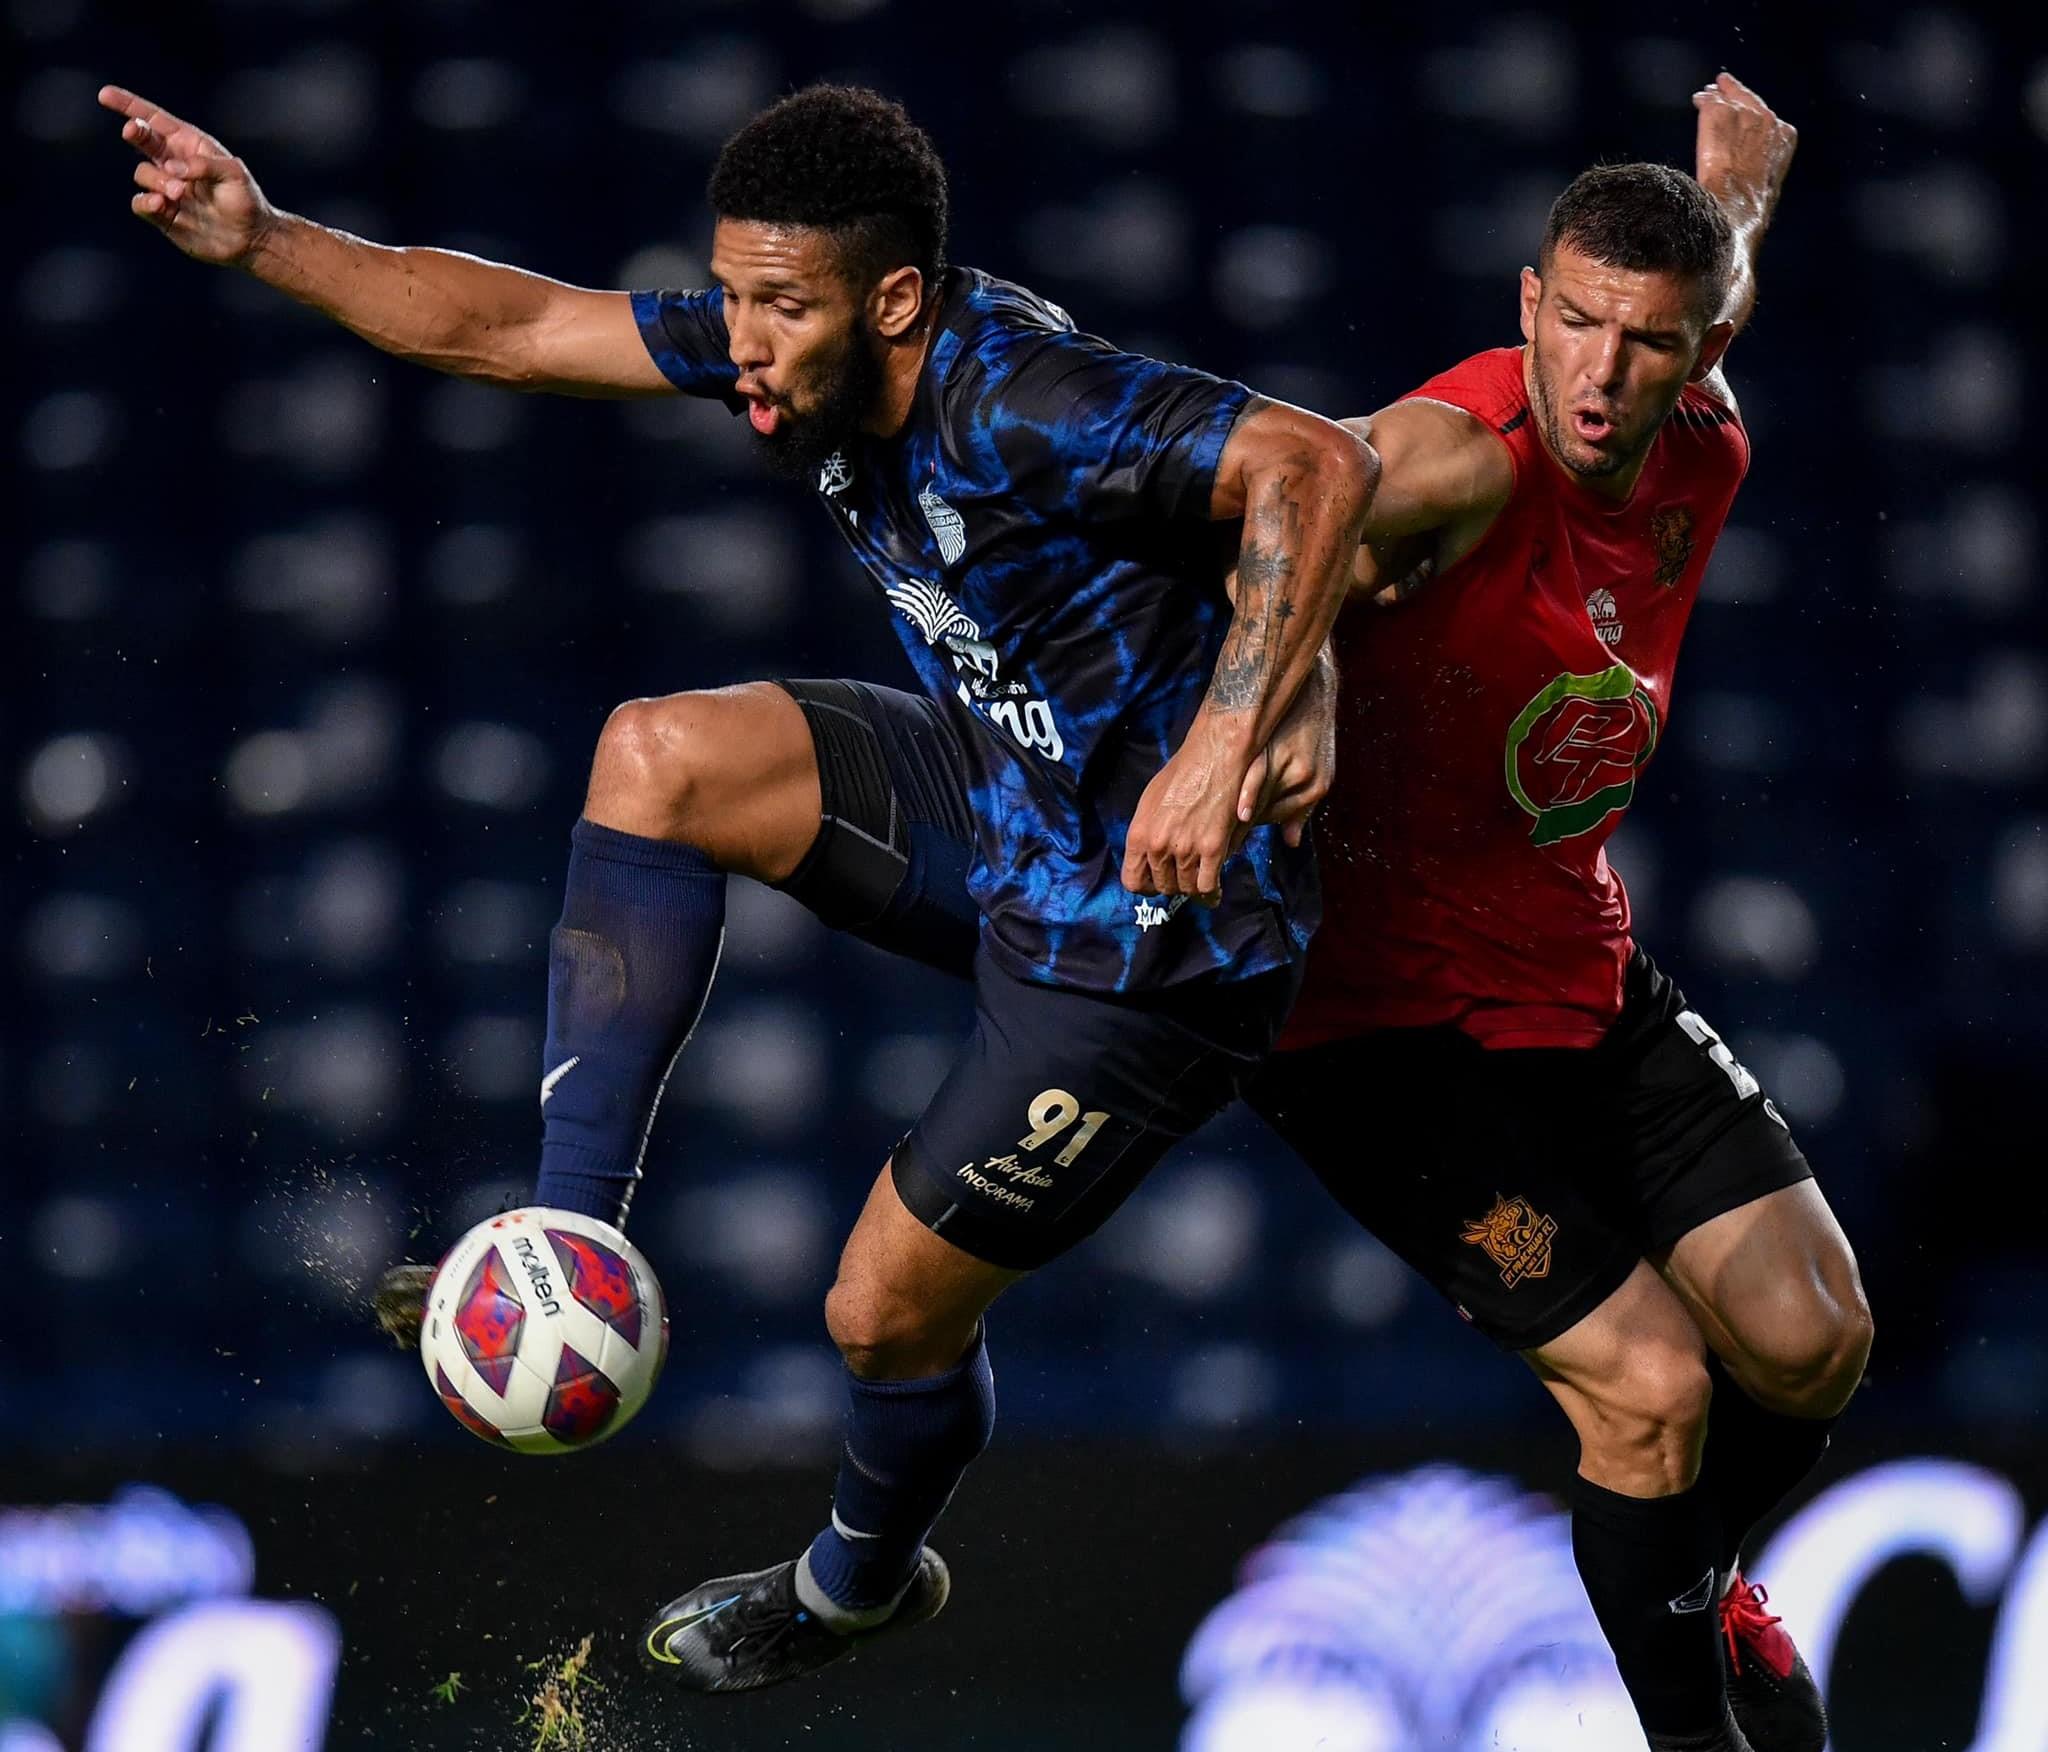 บุรีรัมย์ VS สุพรรณบุรี : พรีวิว ฟุตบอลไทยลีก 2021/22